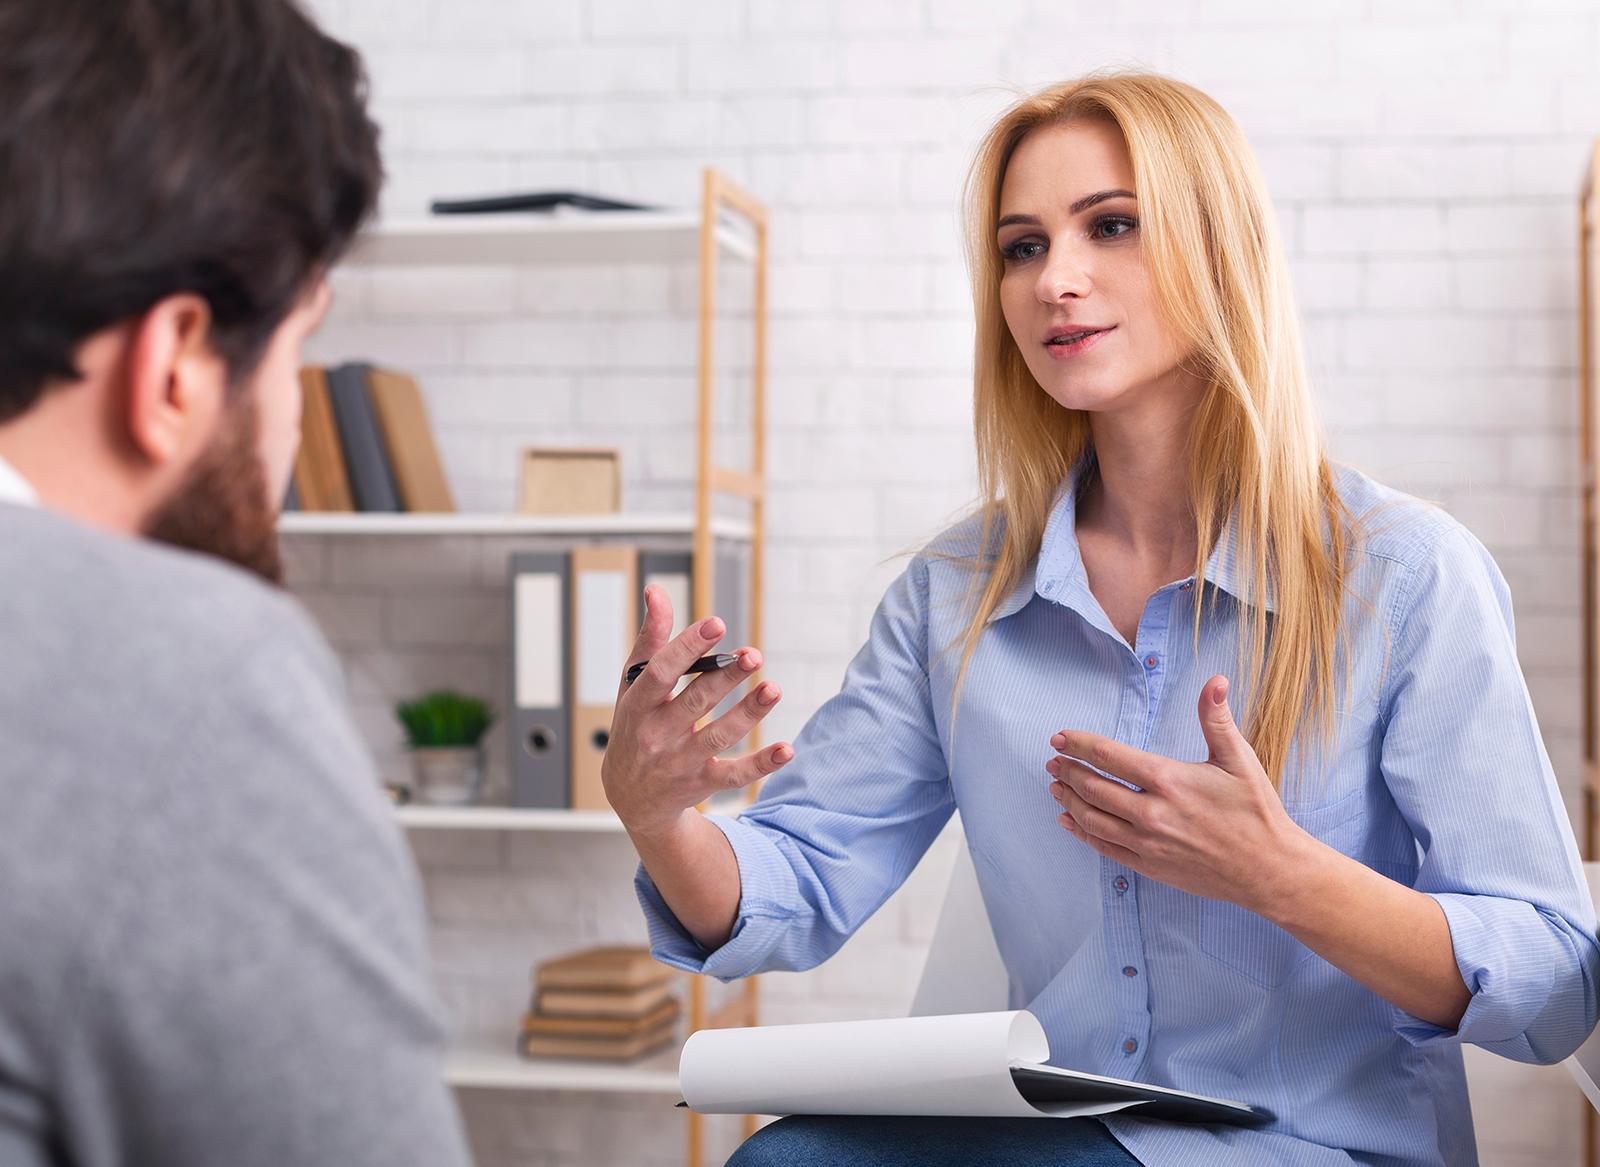 Frau als Sprachlehrerin sitzt ihrem Schüler gegenüber und erklärt ihm etwas, Szene aus einem der Sprachkurse Heilbronn